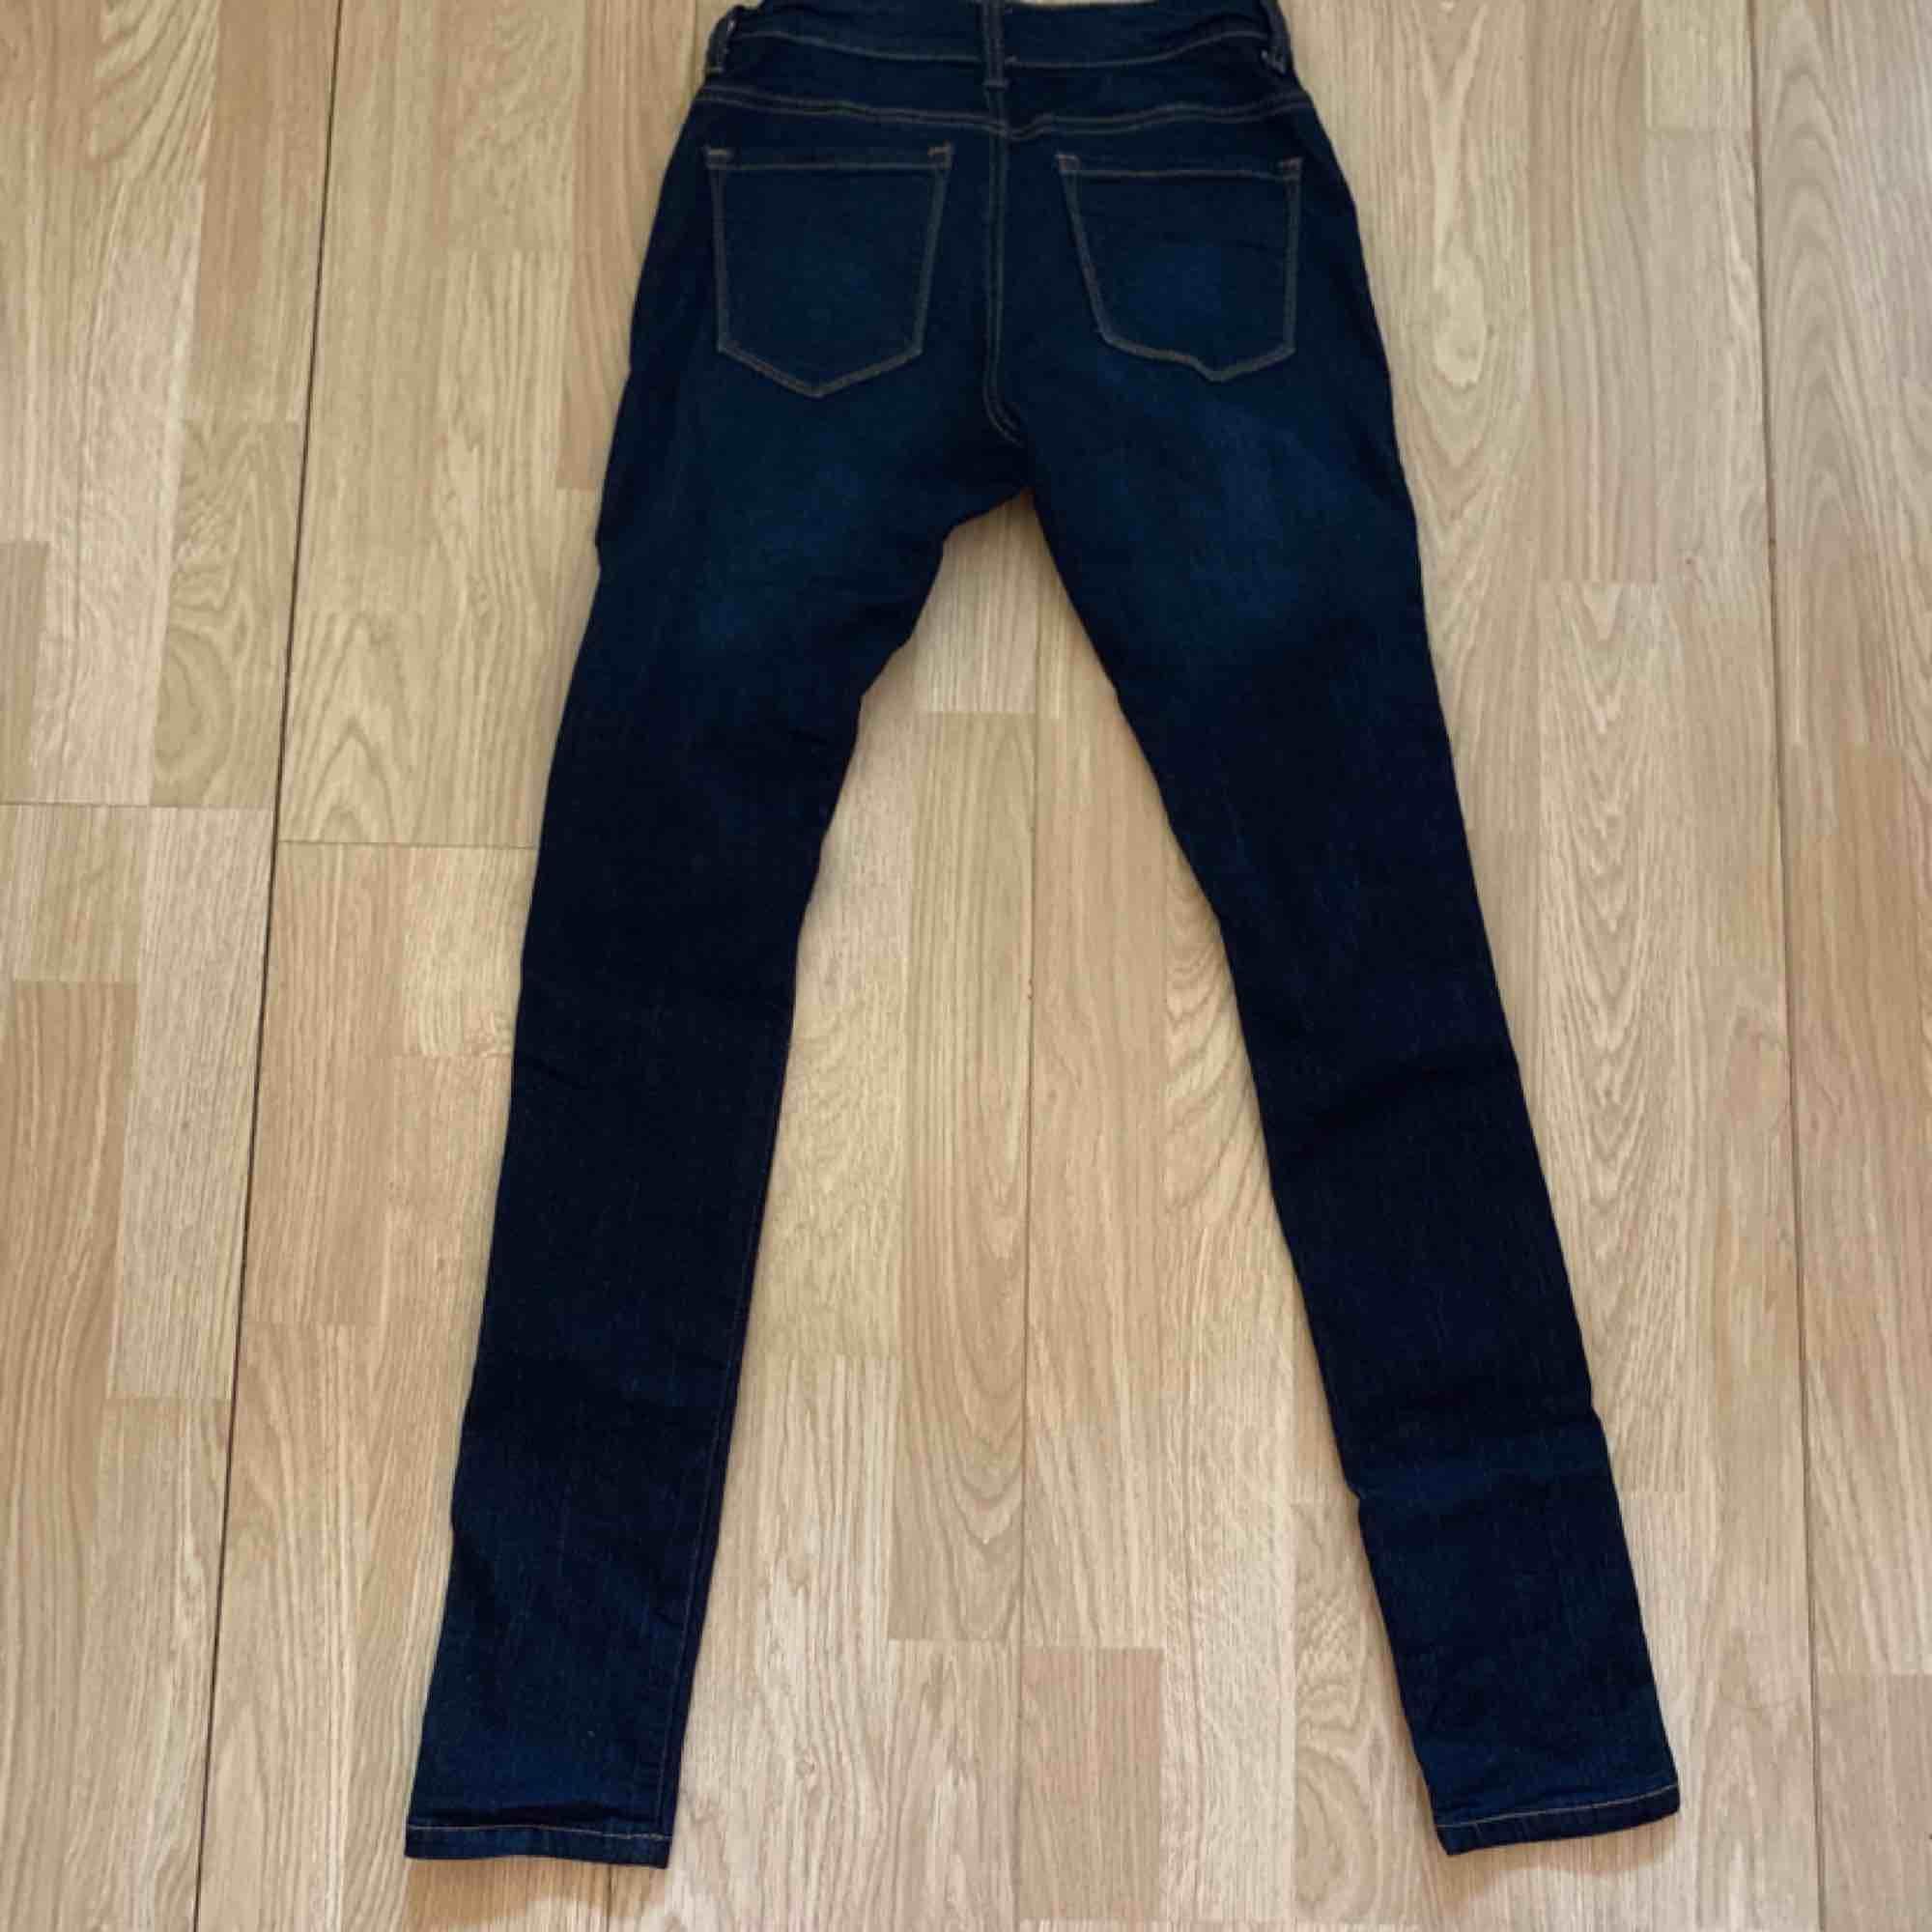 Mörkblå jeans från Fashion nova, midi waist. Storlek 1 (XS/S) fint skick.  Möts upp i Stockholm eller fraktar.  Frakt kostar 59kr extra, postar med videobevis/bildbevis. Jag garanterar en snabb pålitlig affär!✨. Jeans & Byxor.